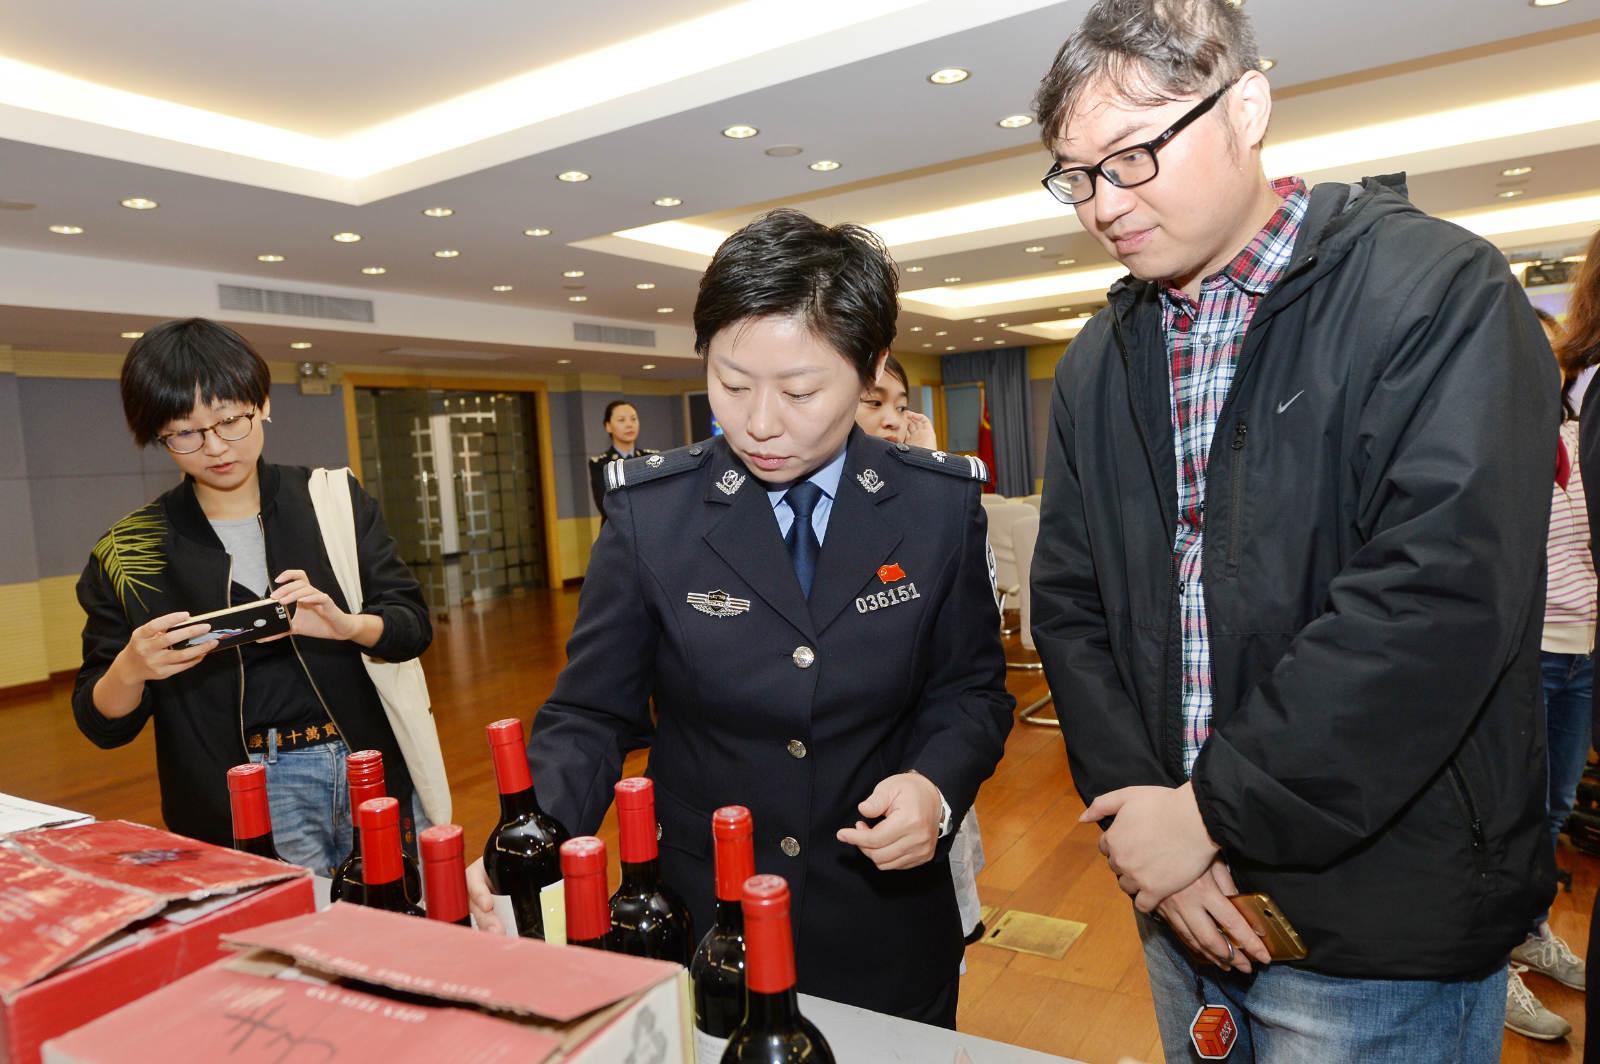 图说:警方向记者介绍,假酒在外包装上就很容易辨别真伪。_meitu_4